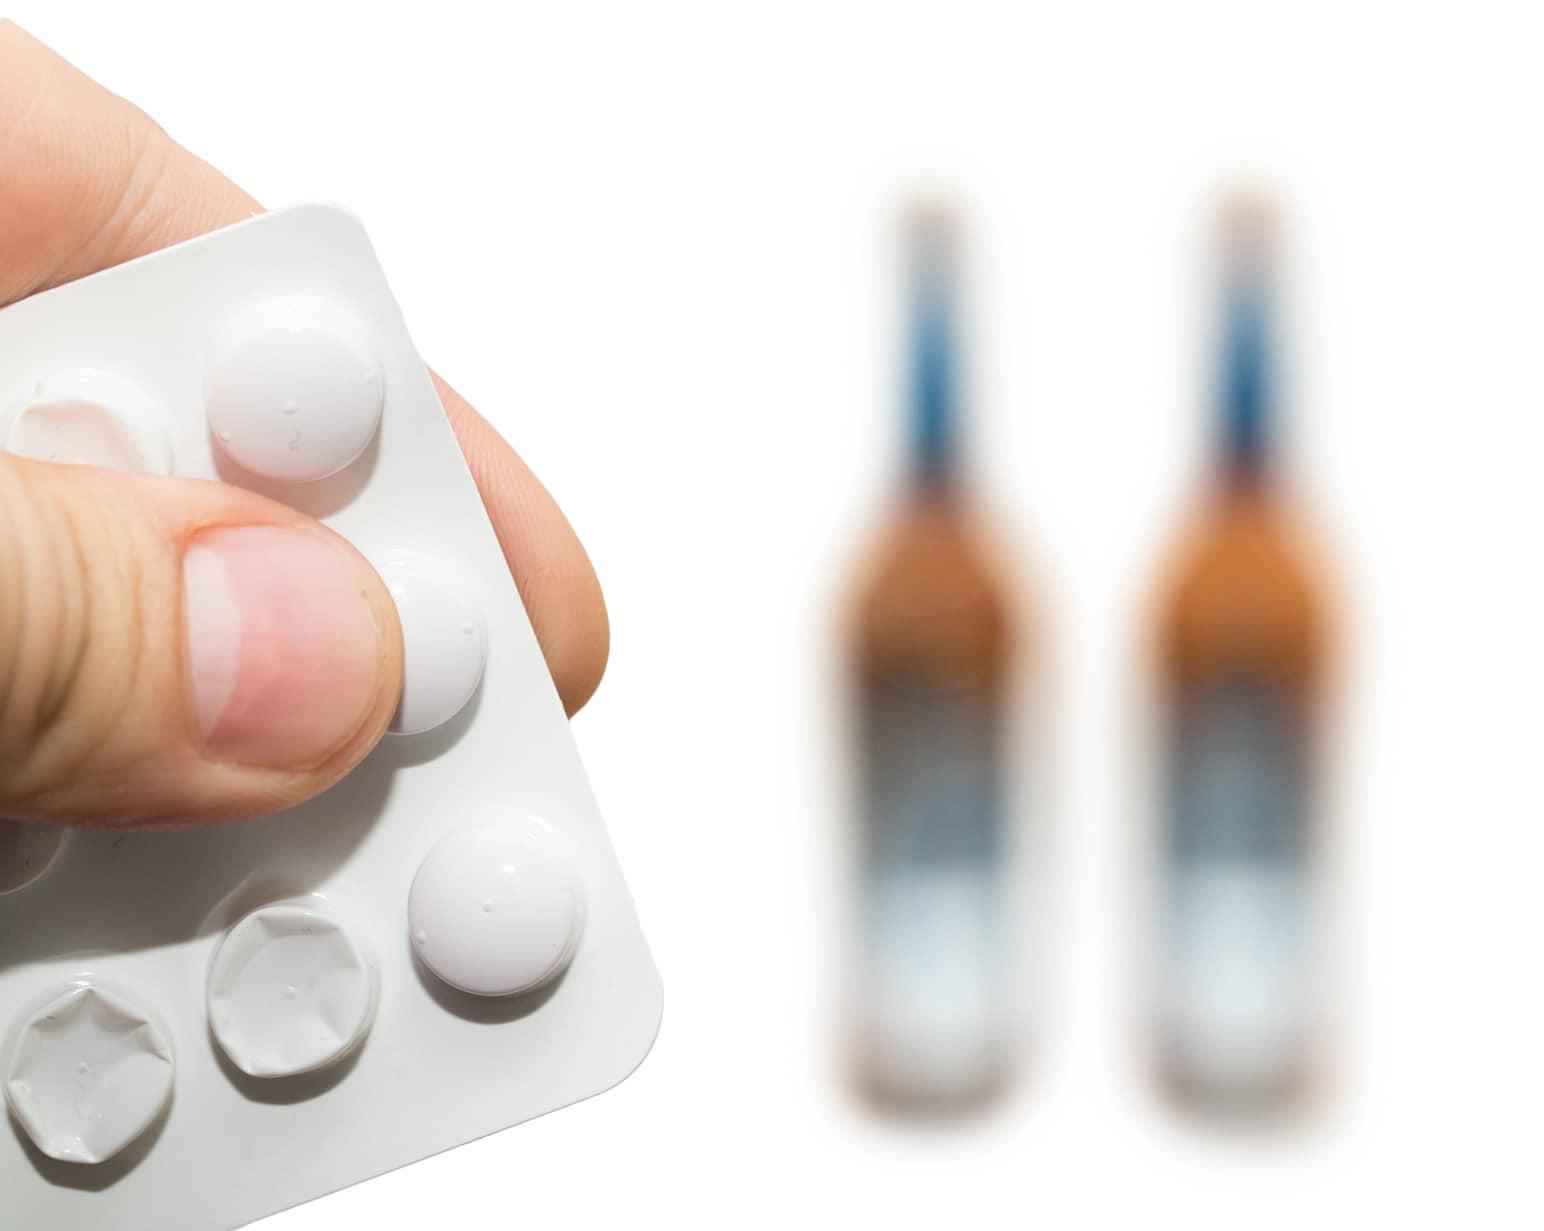 Медикаментозное лечение заболевания, вызванного неконтролируемым употреблением спиртных напитков